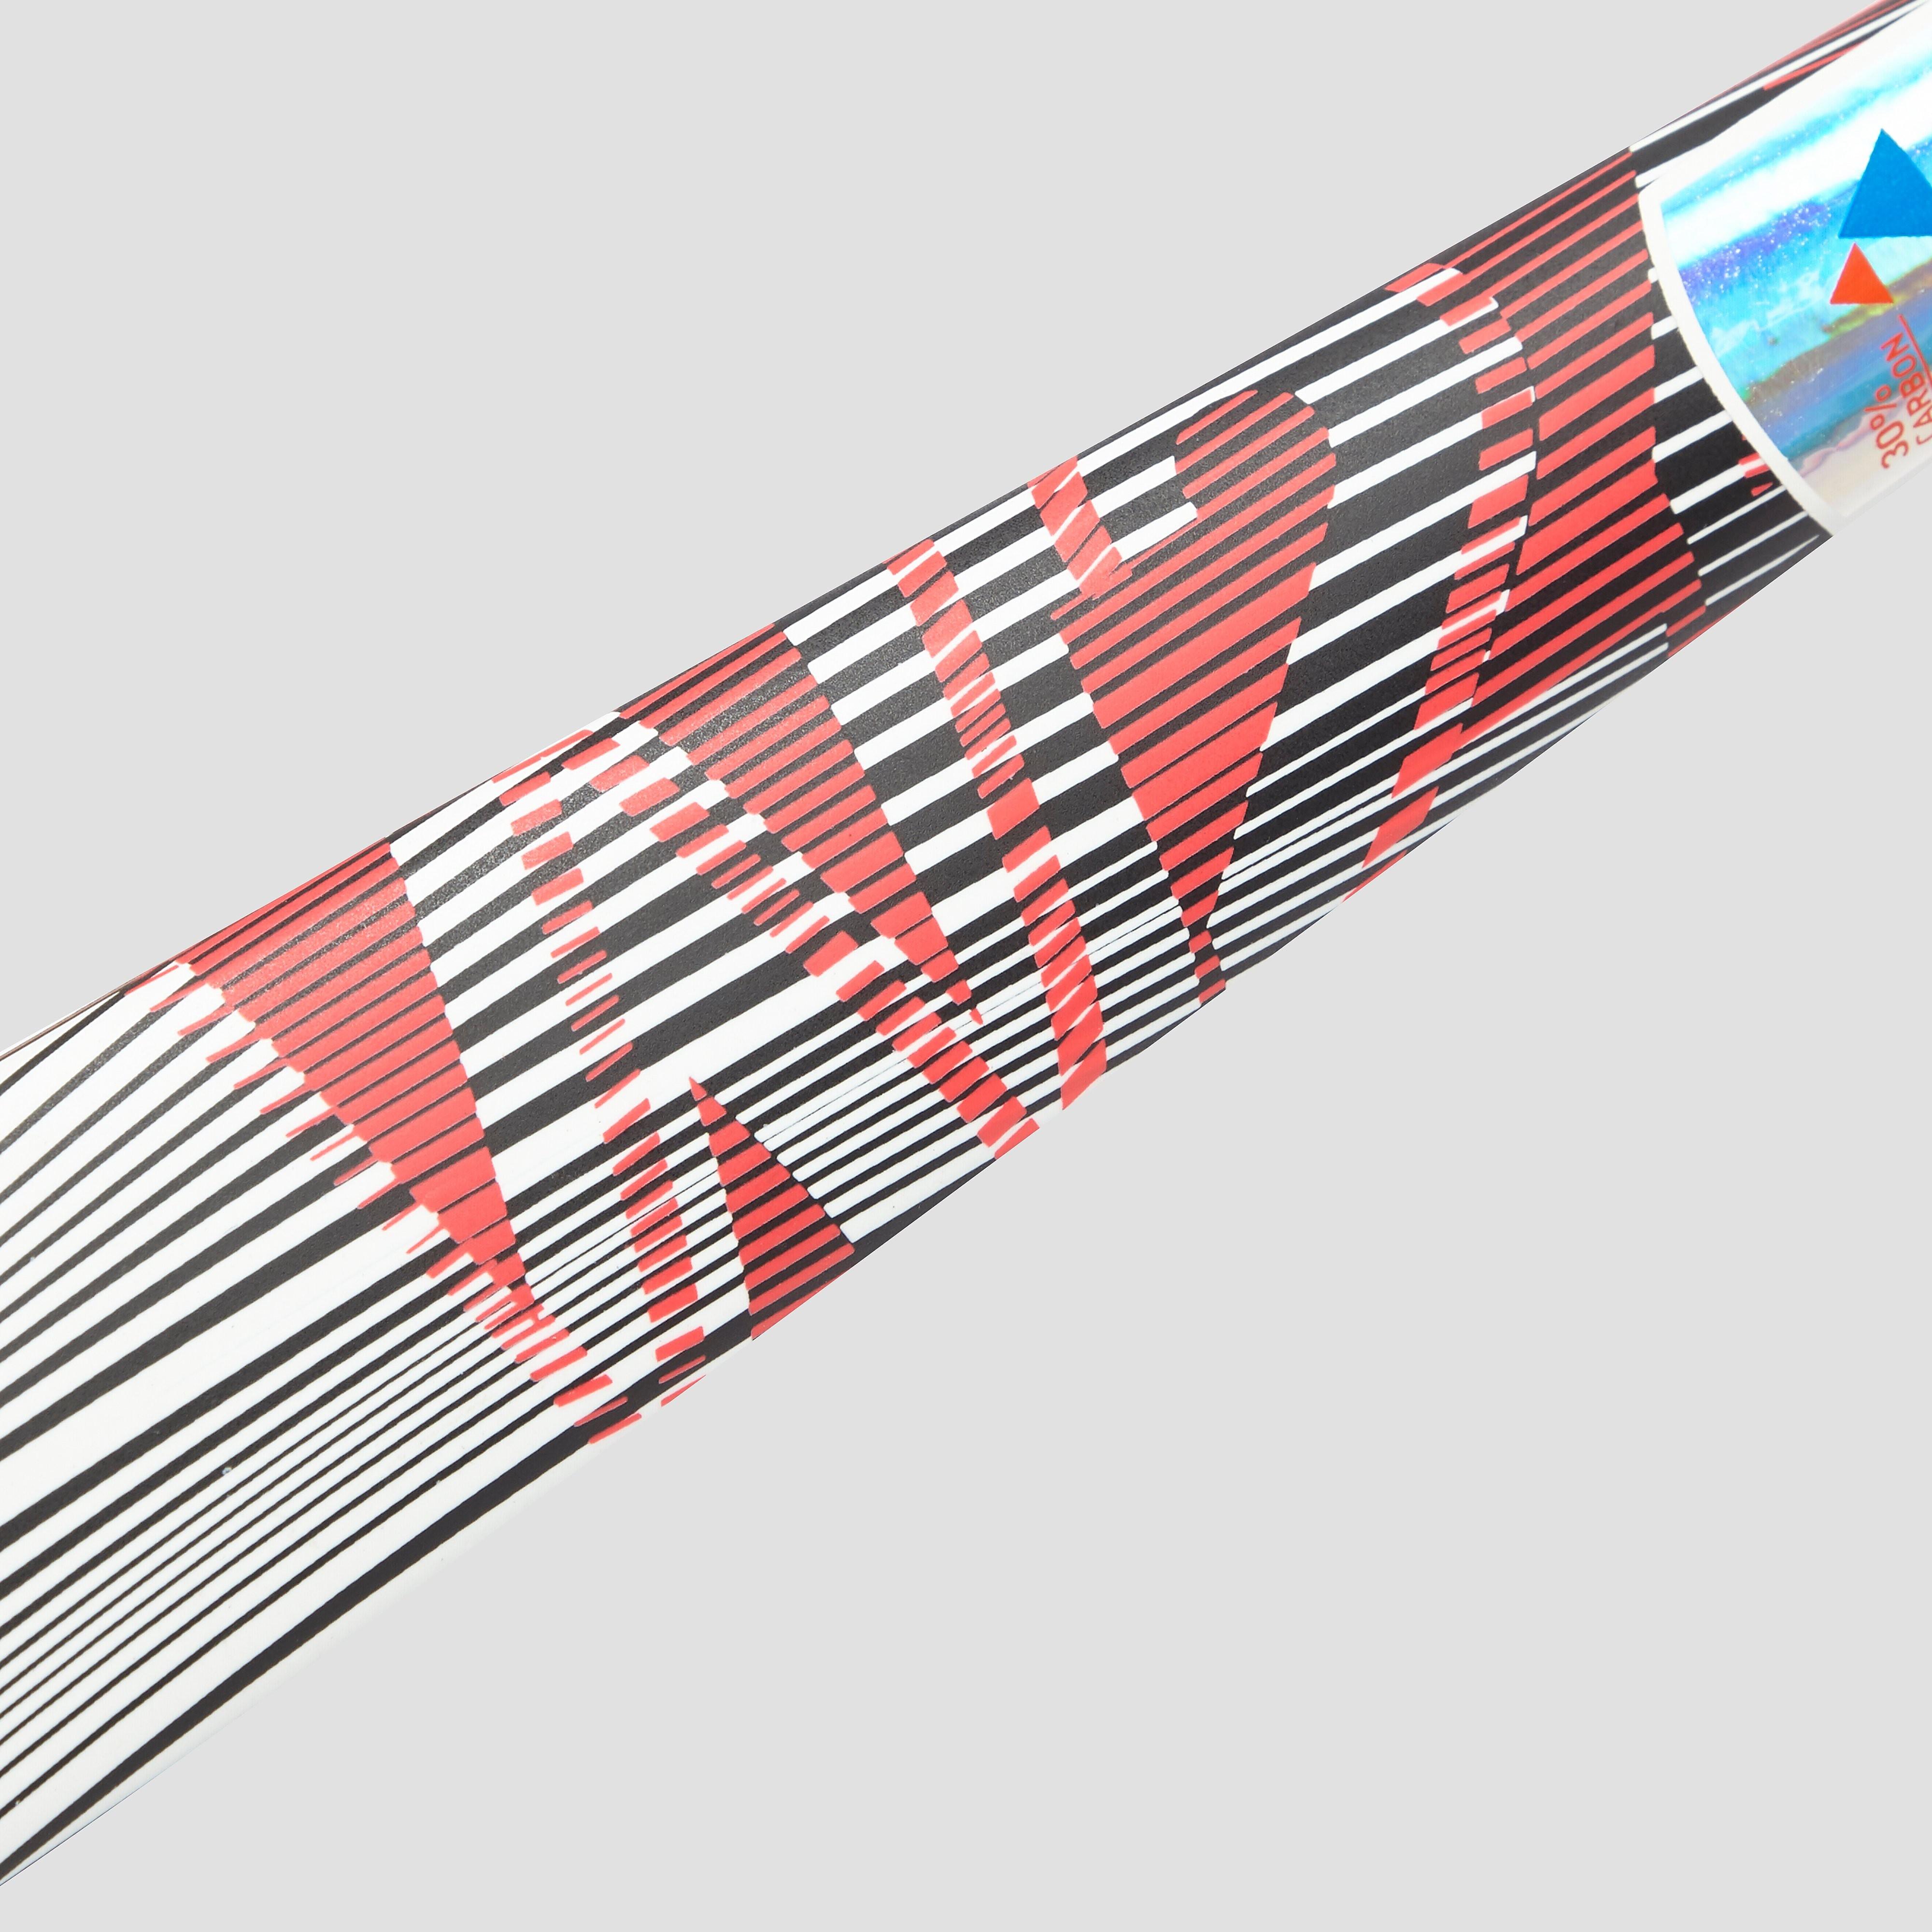 adidas W24 Compo 3 Composite Men's Hockey Stick